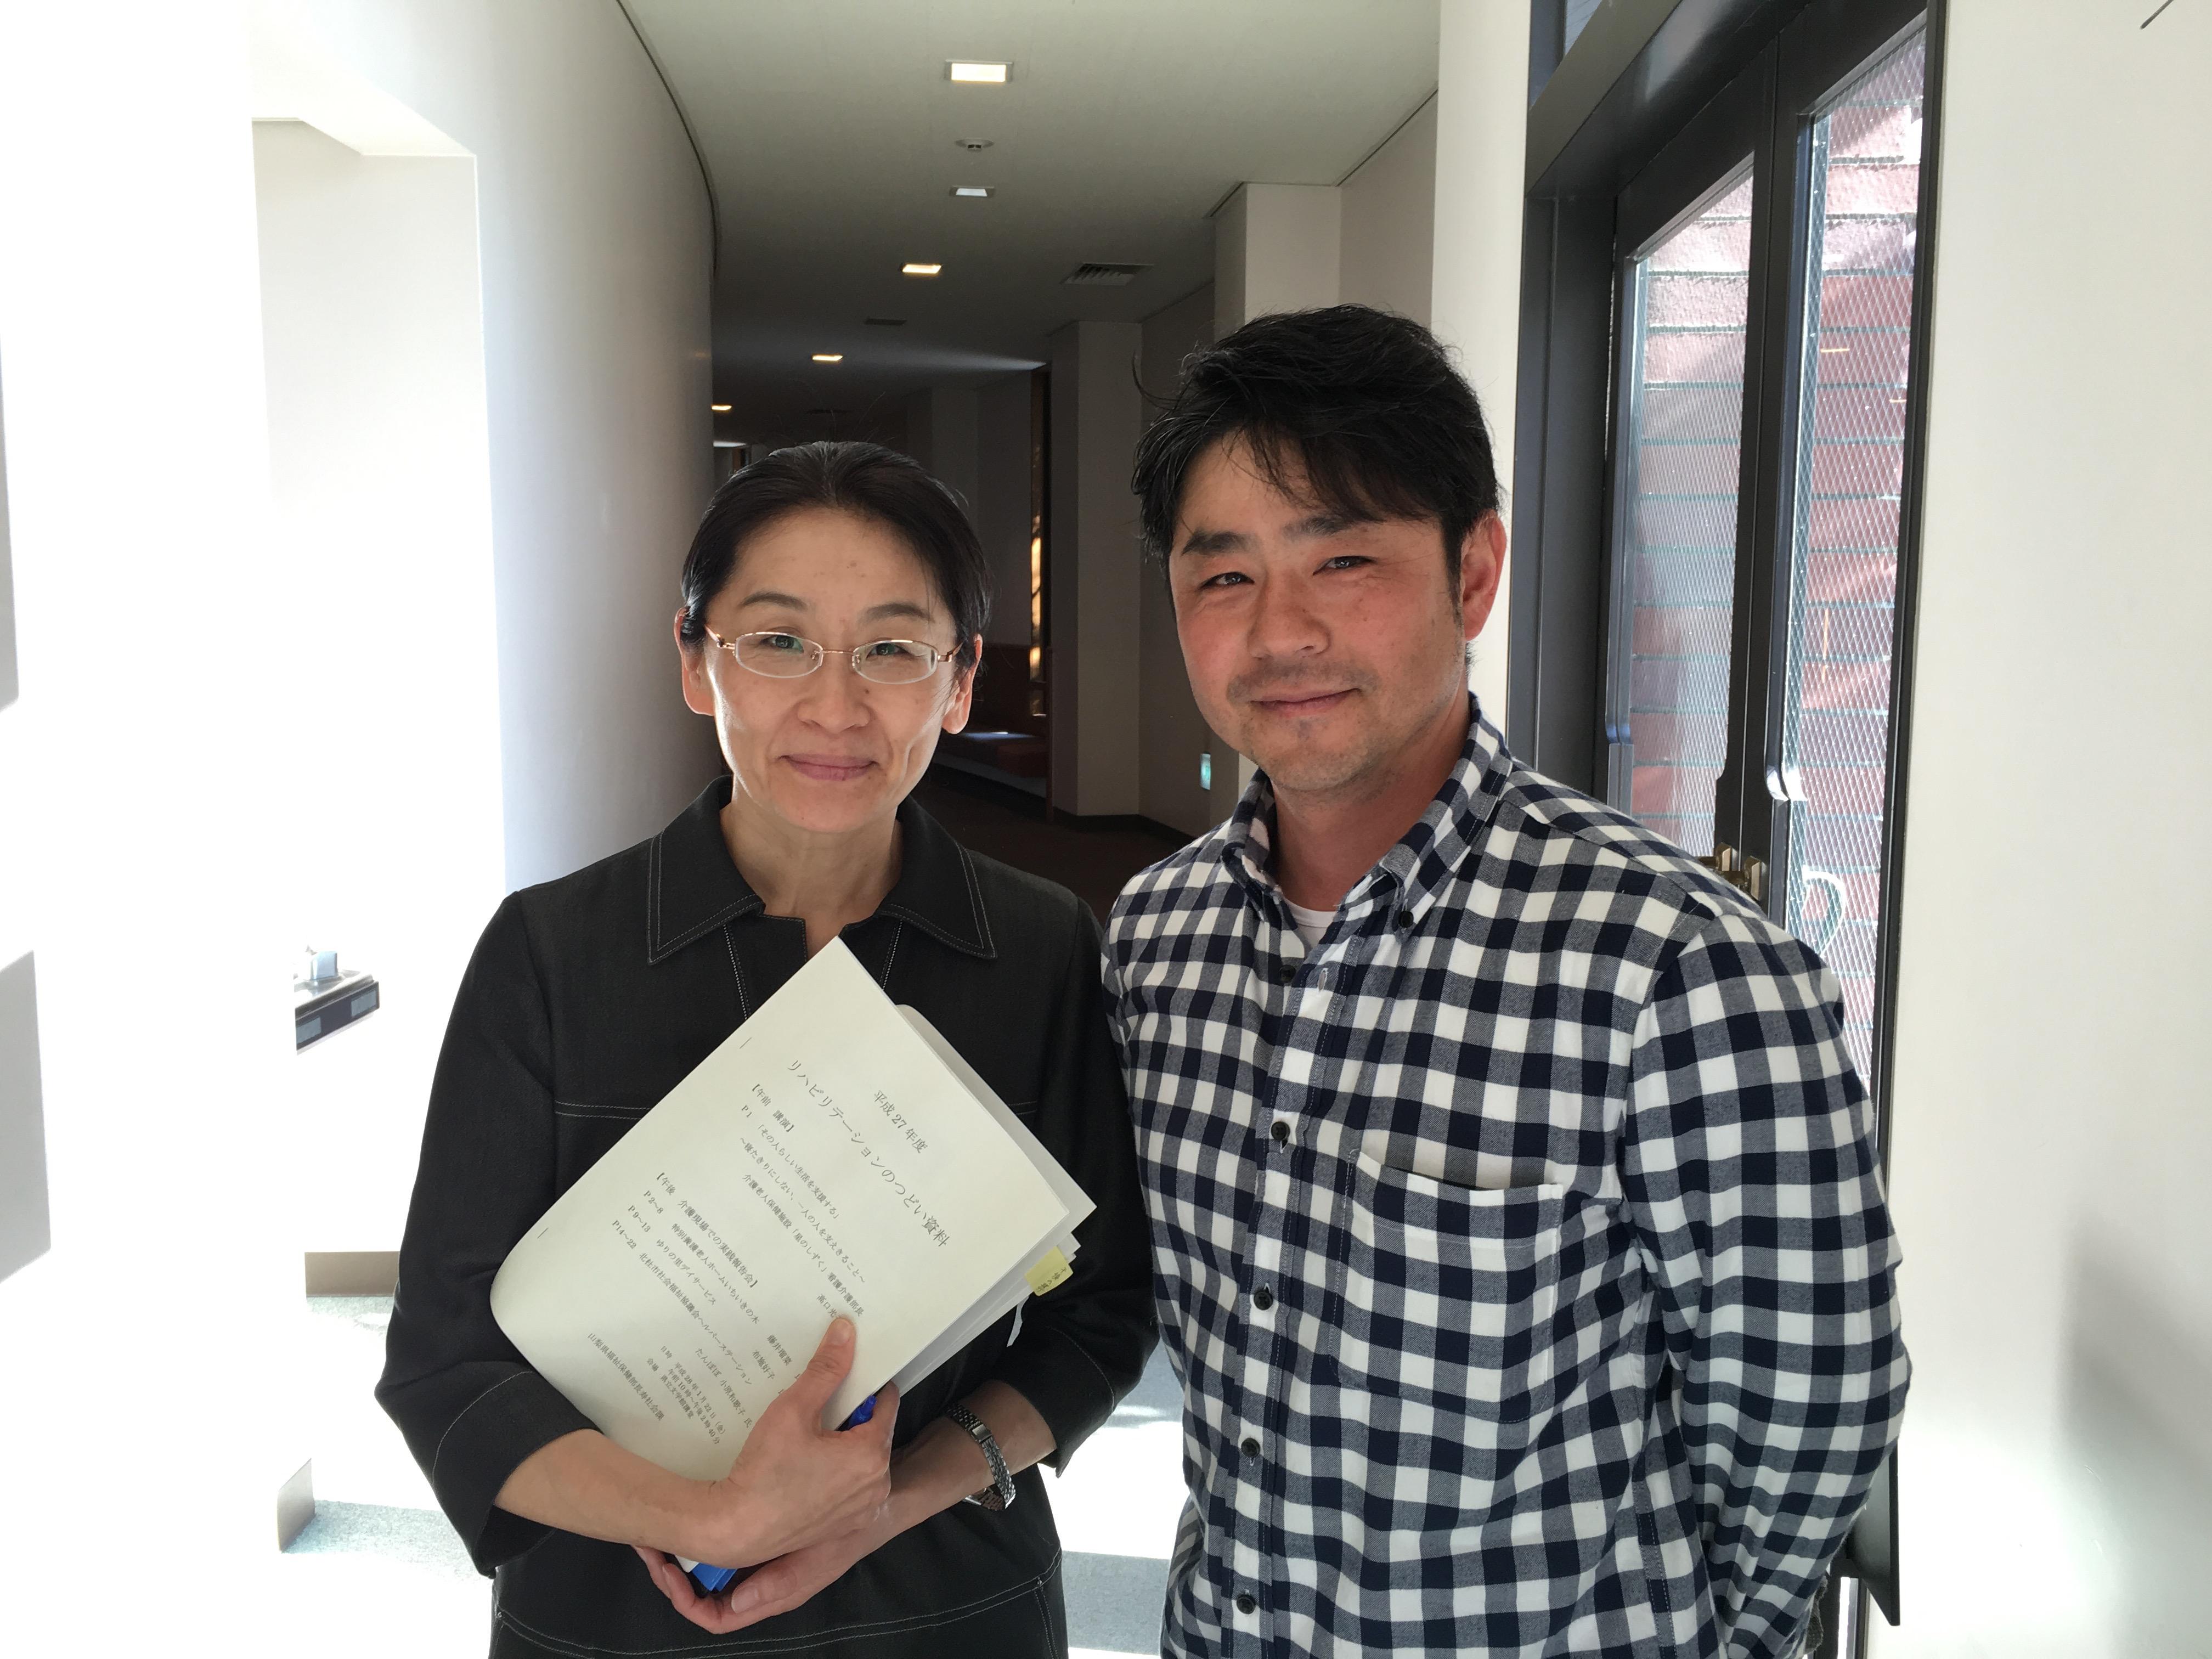 高口光子さんがゲスト!山梨県主催「リハビリテーションの集い」に参加してきました。